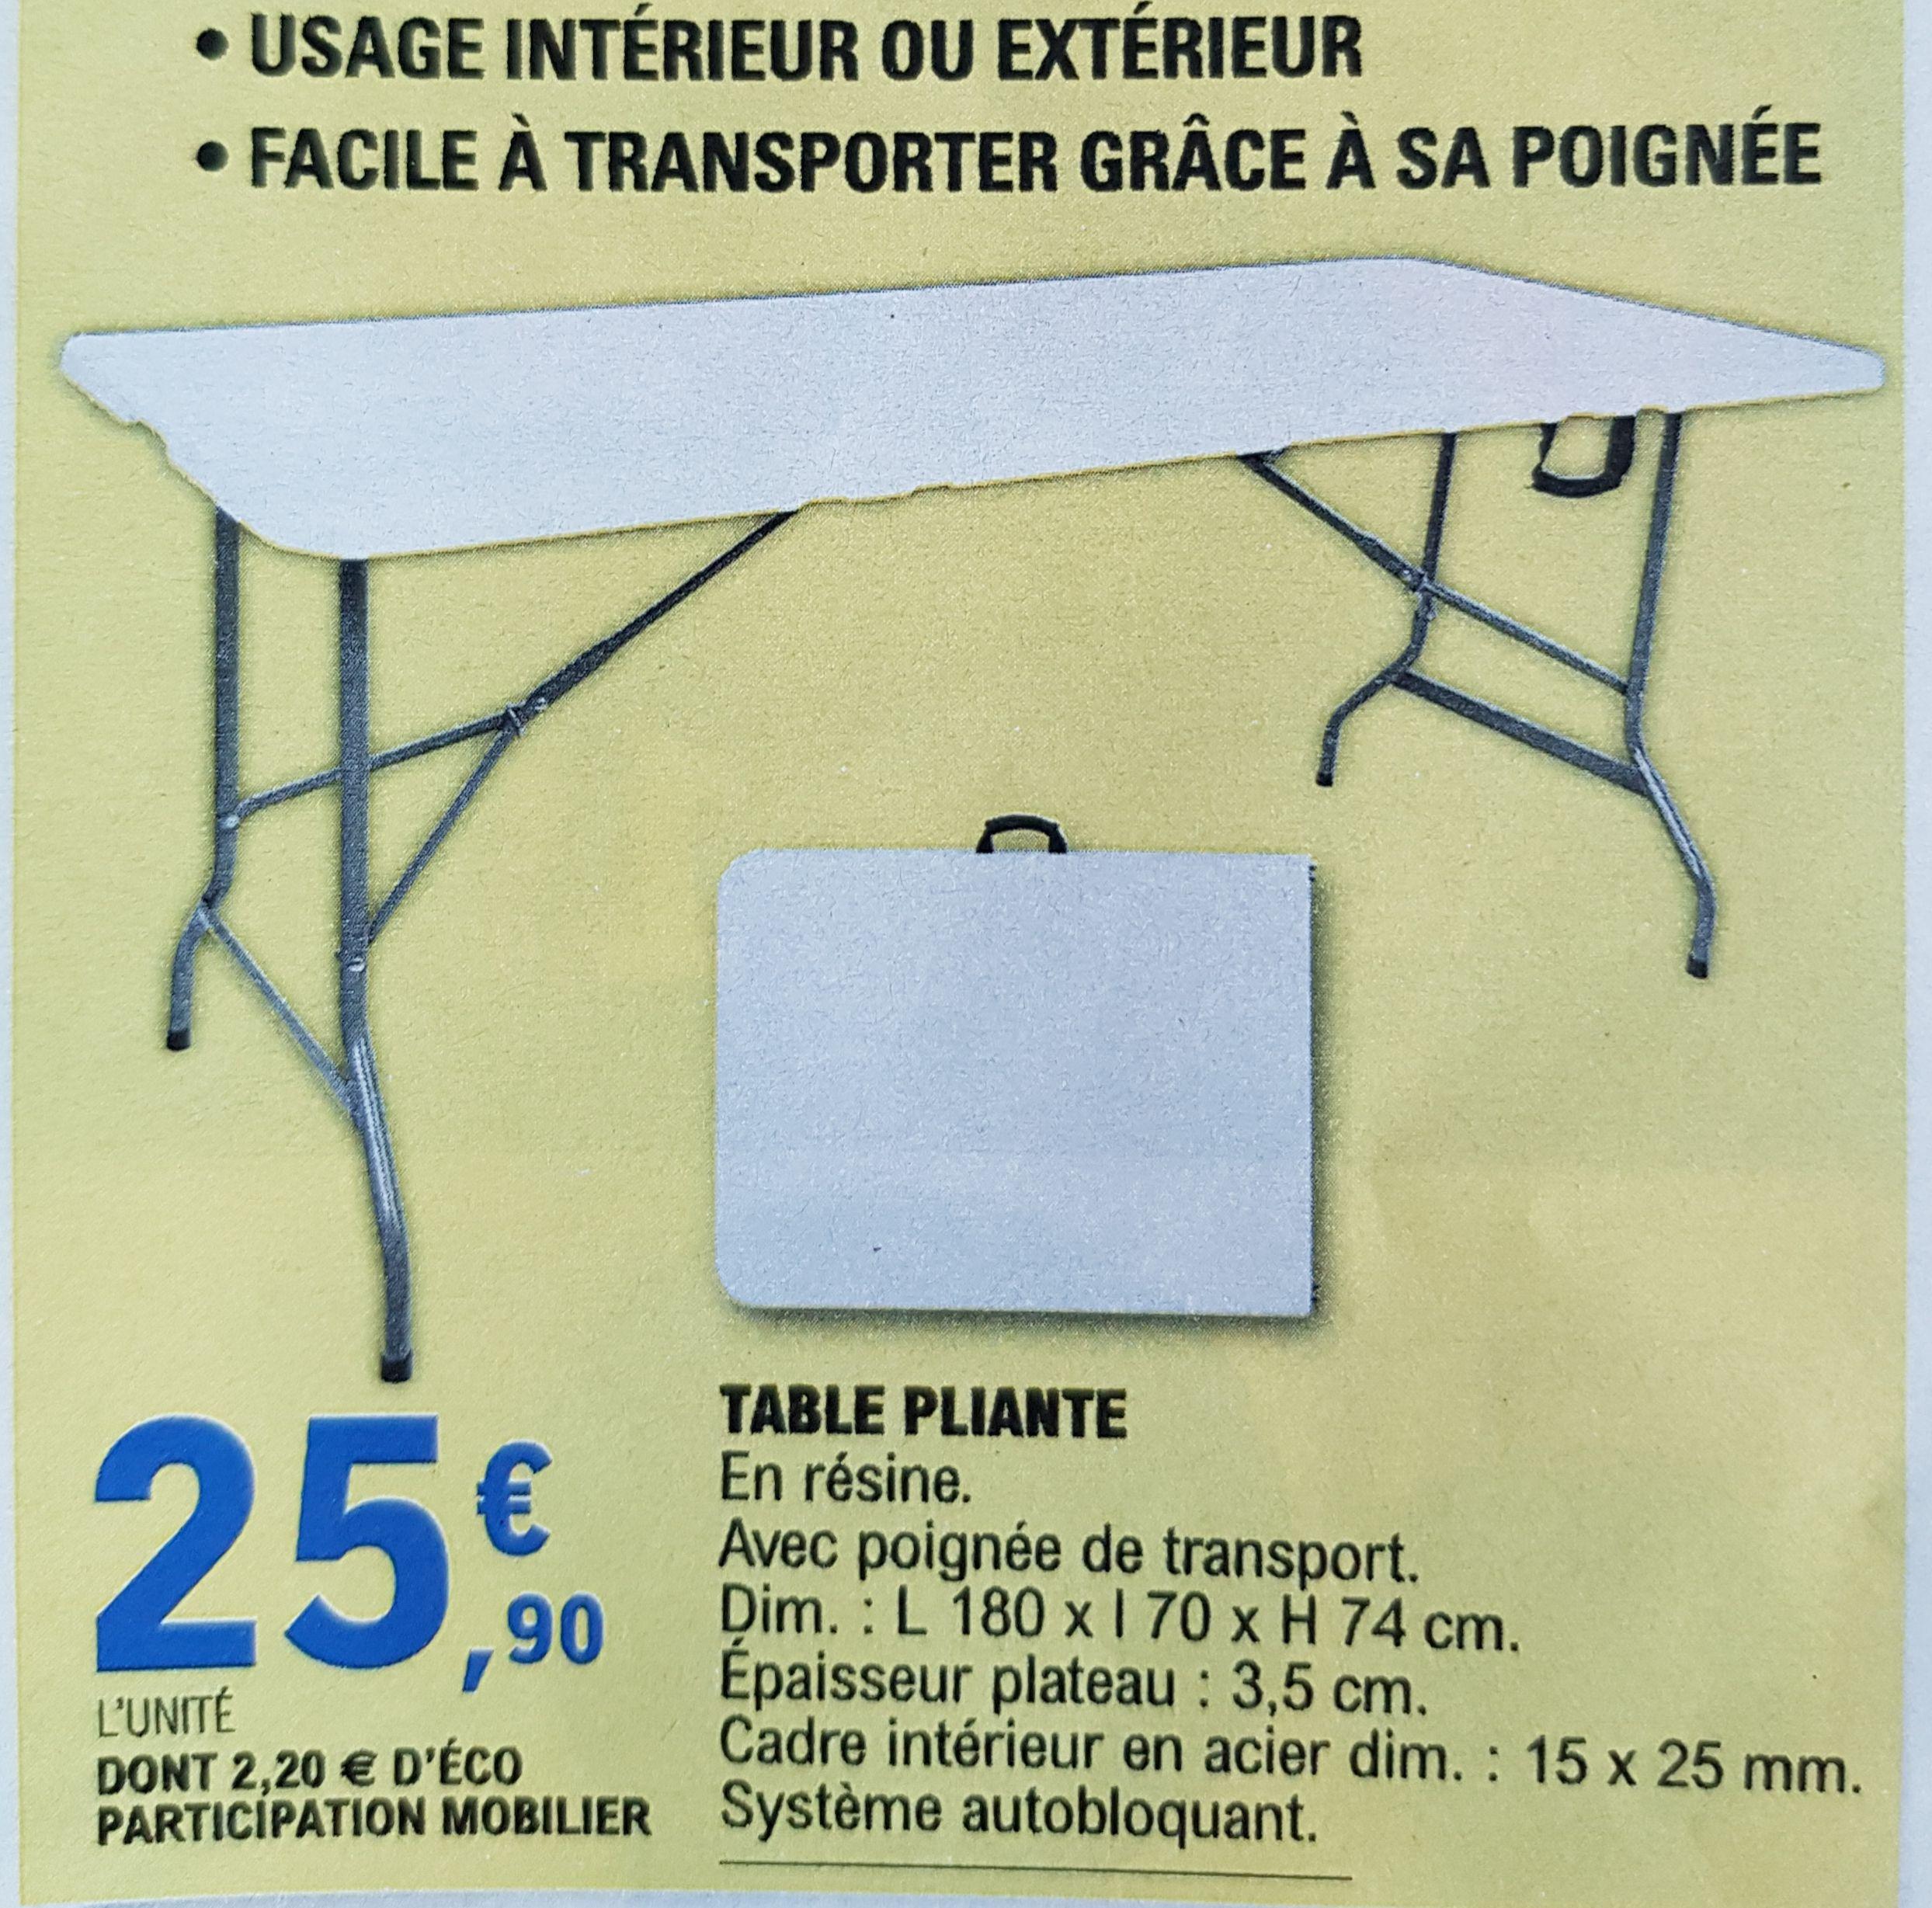 Table pliante avec poignée de transport - L 180 x l 70 x H 74 cm